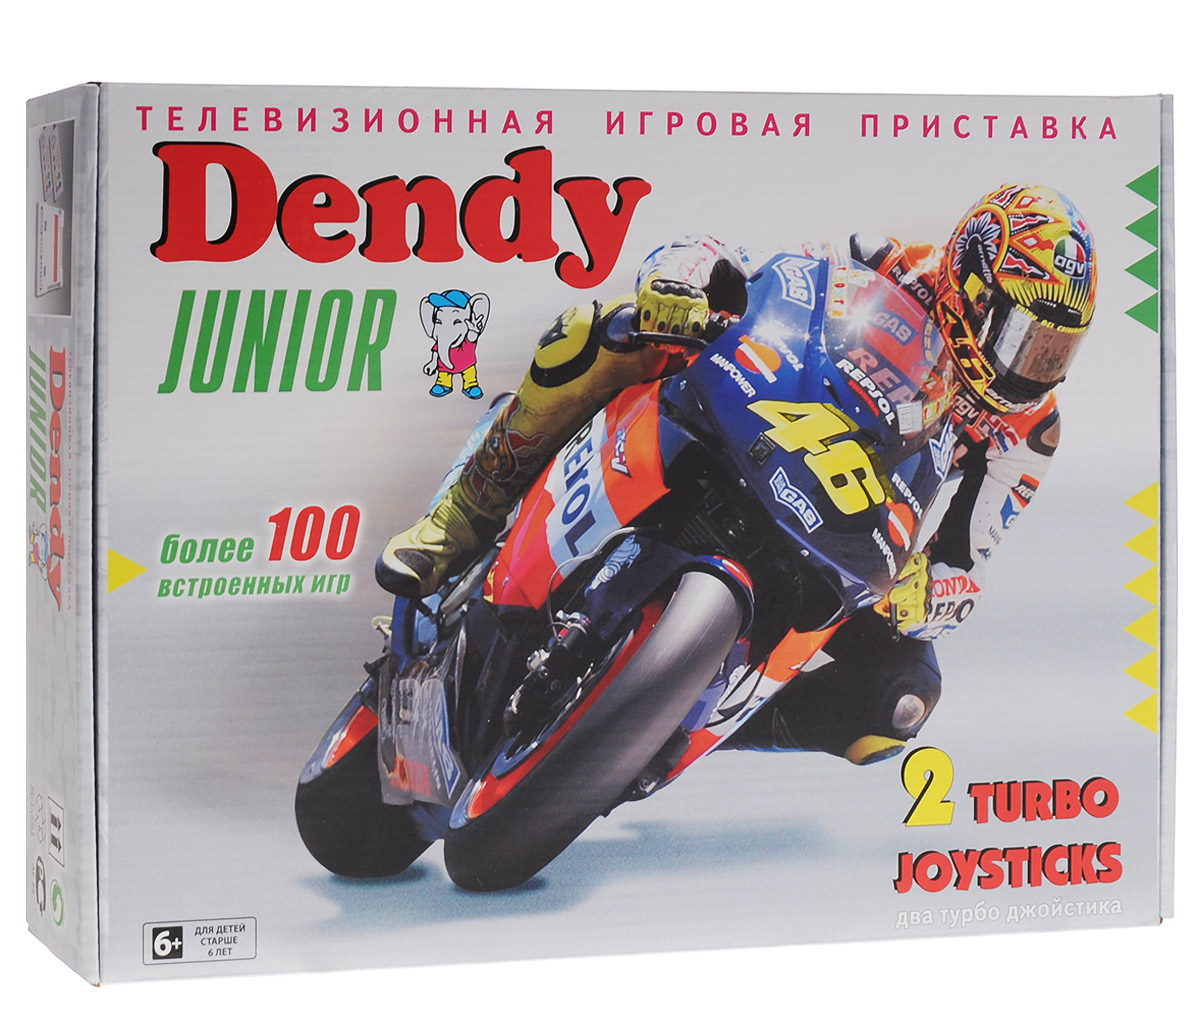 Игровая приставка Dendy Junior (8 bit)5C6-00110Самая популярная 8-битная приставка последнего времени в России. Отличается простотой, неприхотливостью и надежностью в работе.